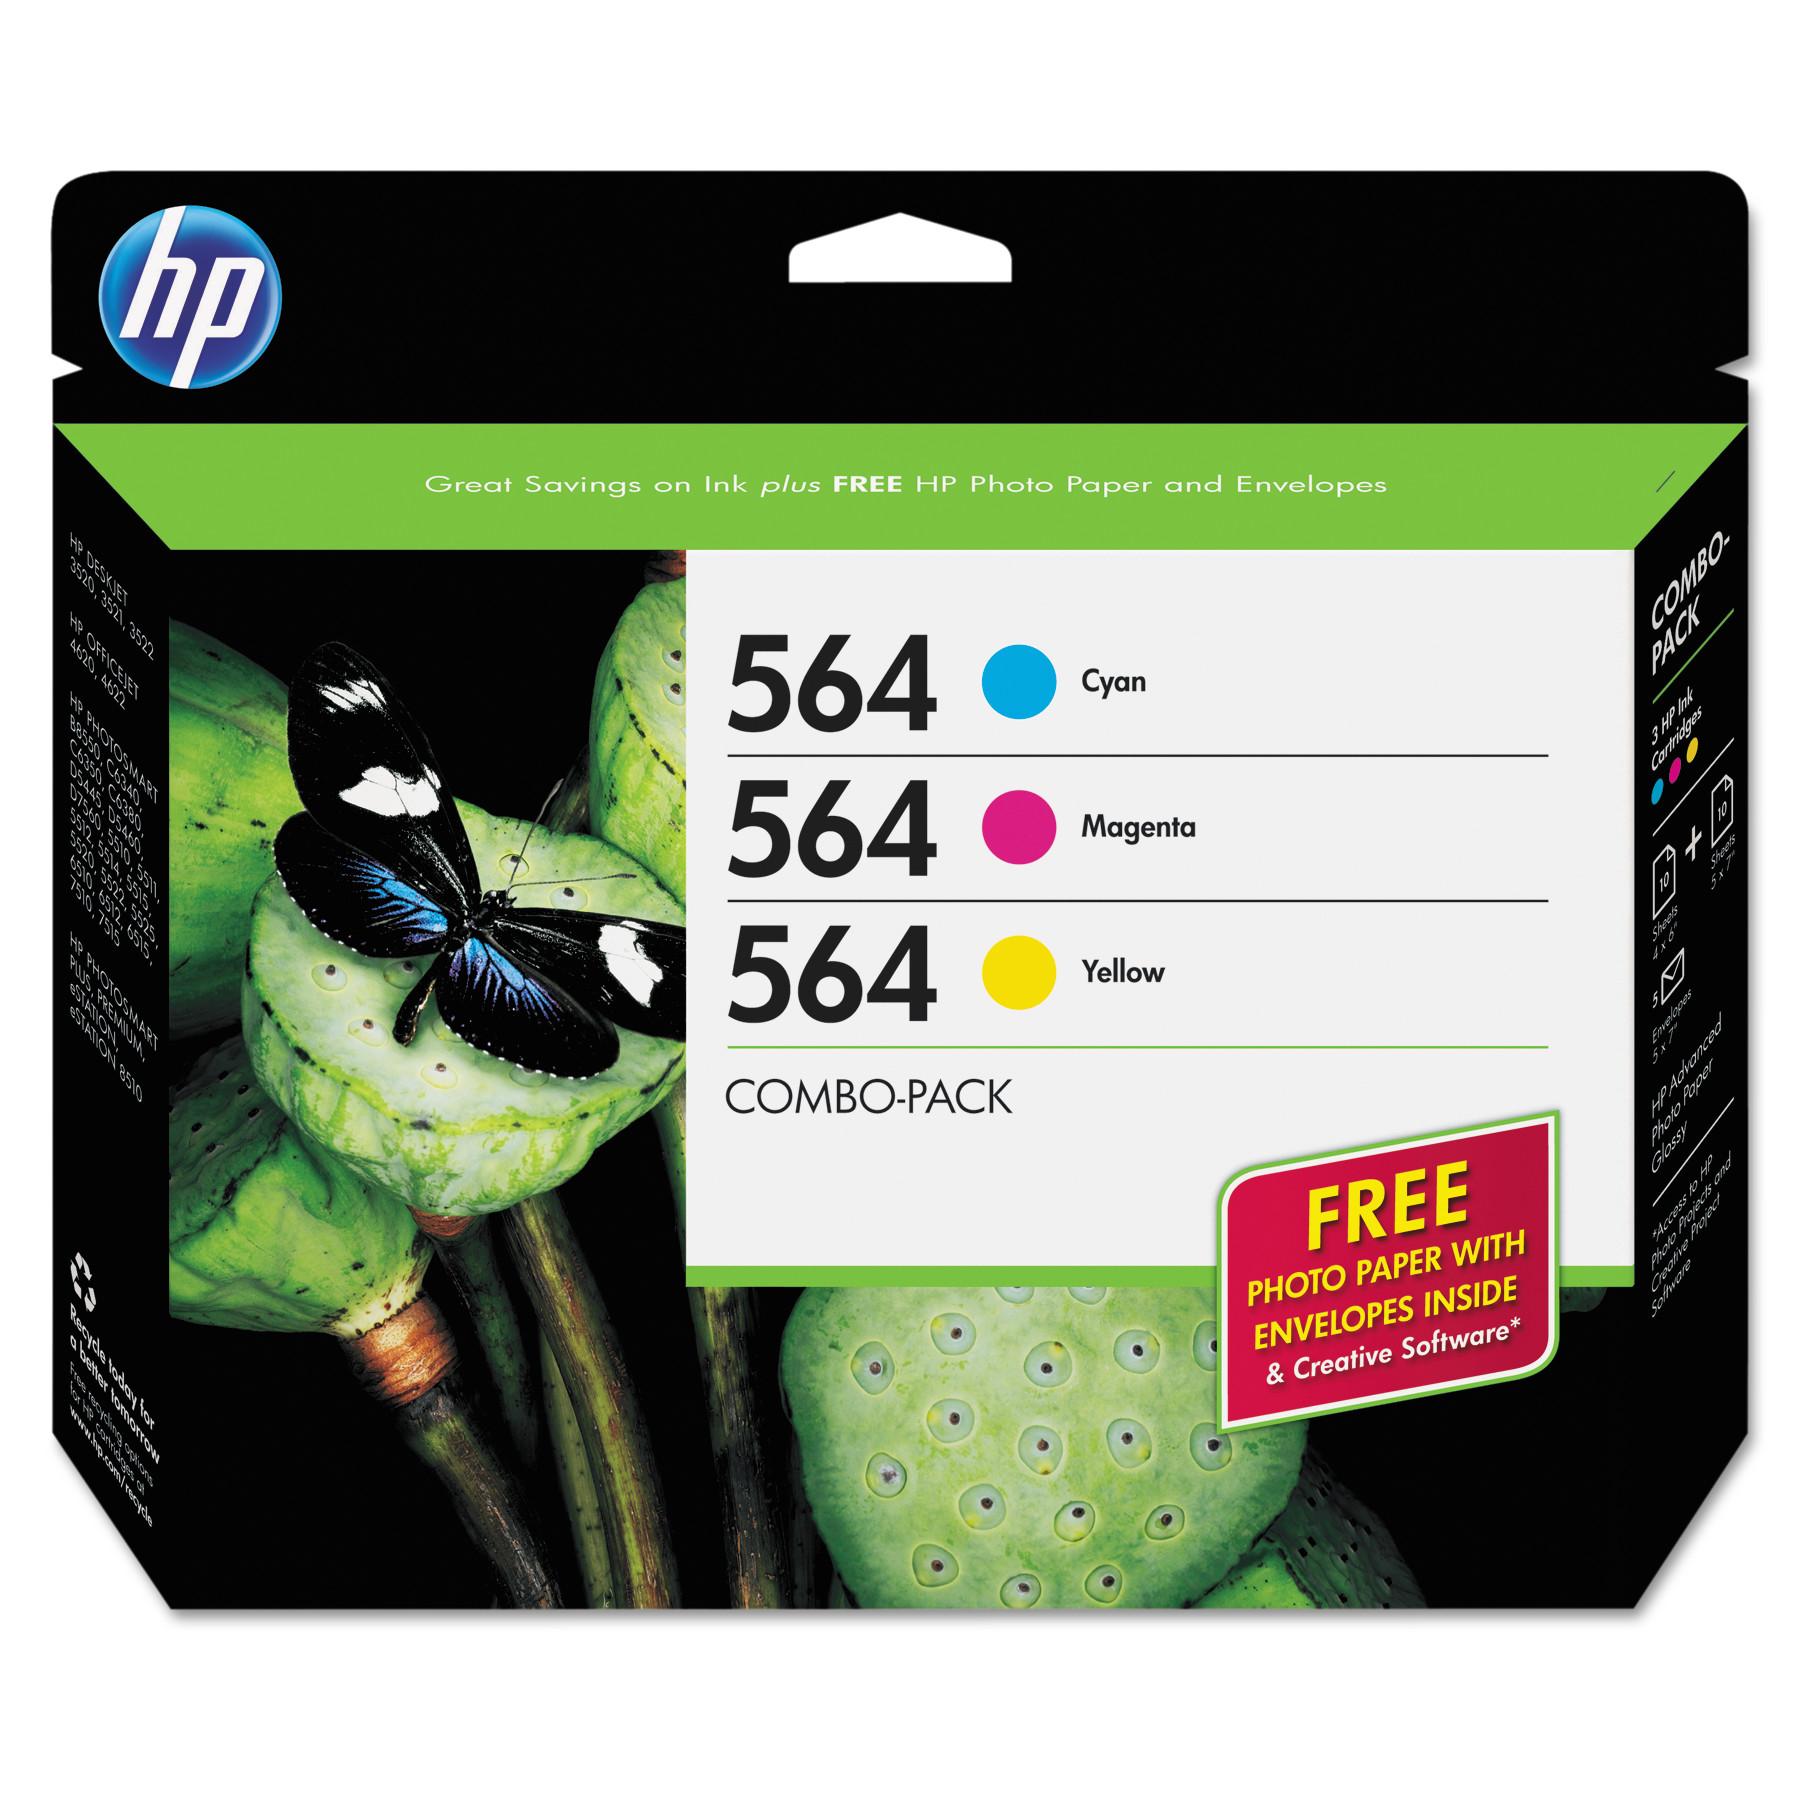 HP HP 564, (B3B33FN) 3-pack Cyan/Magenta/Yellow Original Ink w/Photo Paper  - Walmart.com